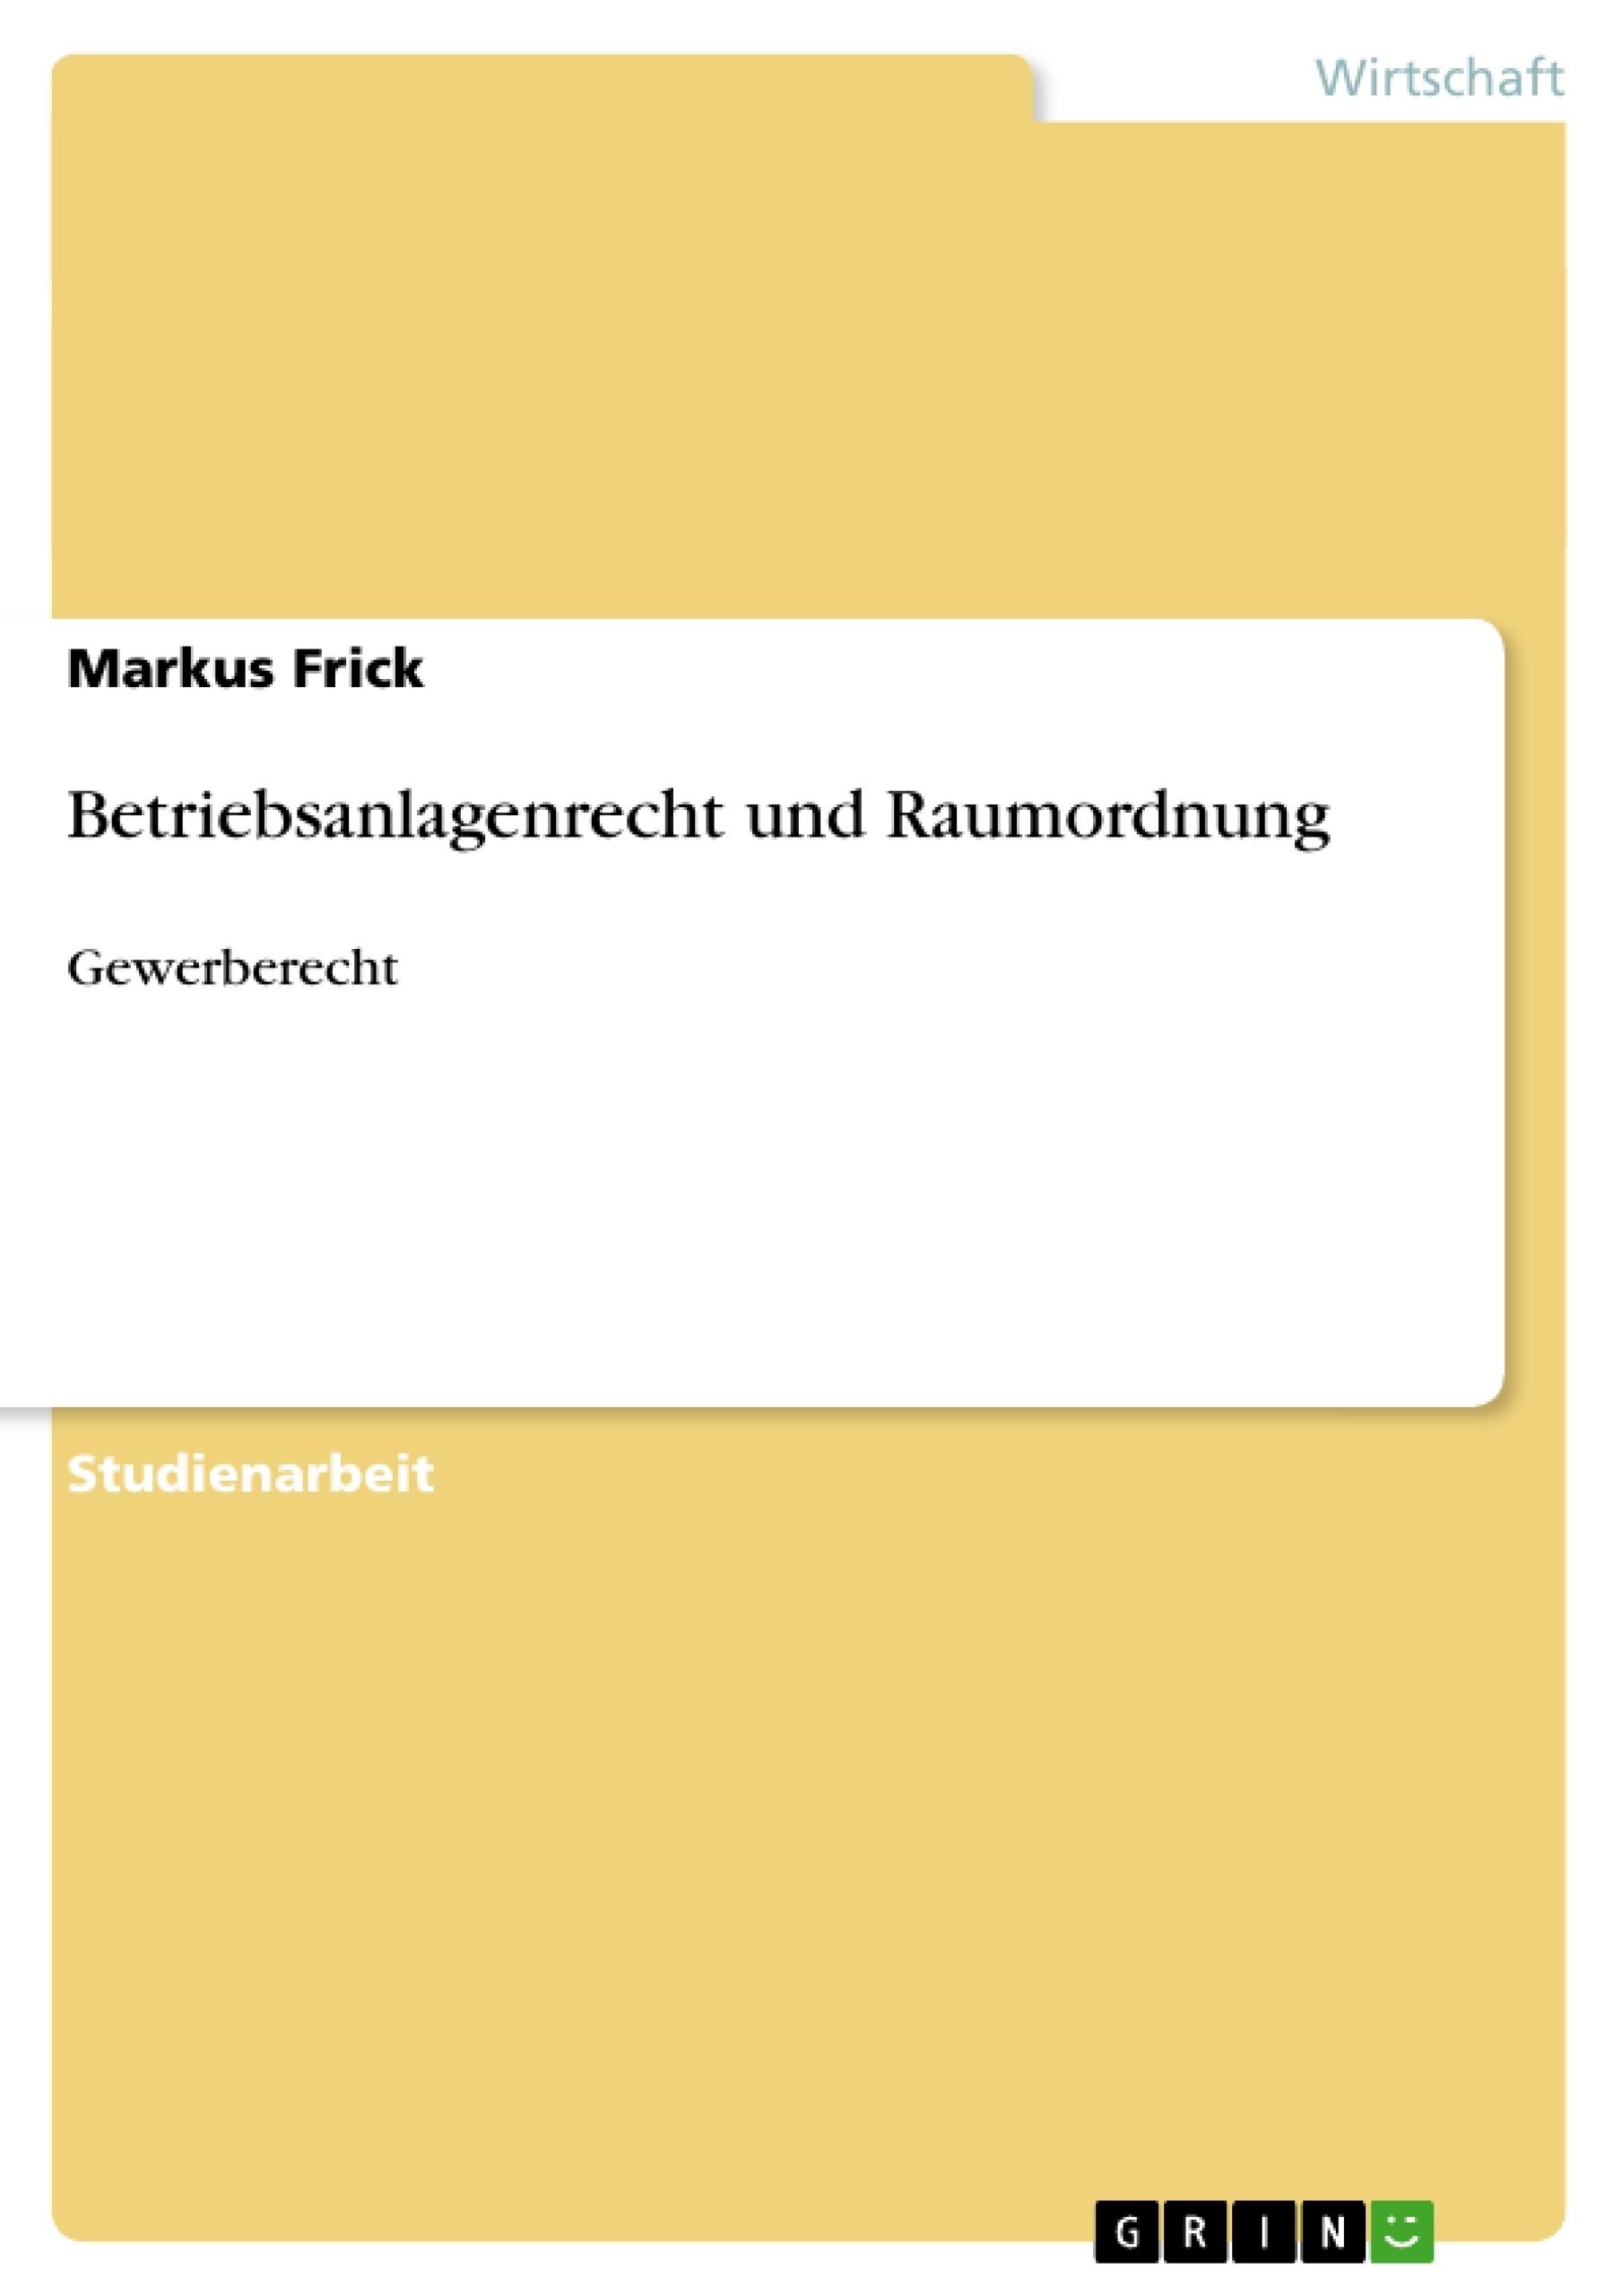 Titel: Betriebsanlagenrecht und Raumordnung